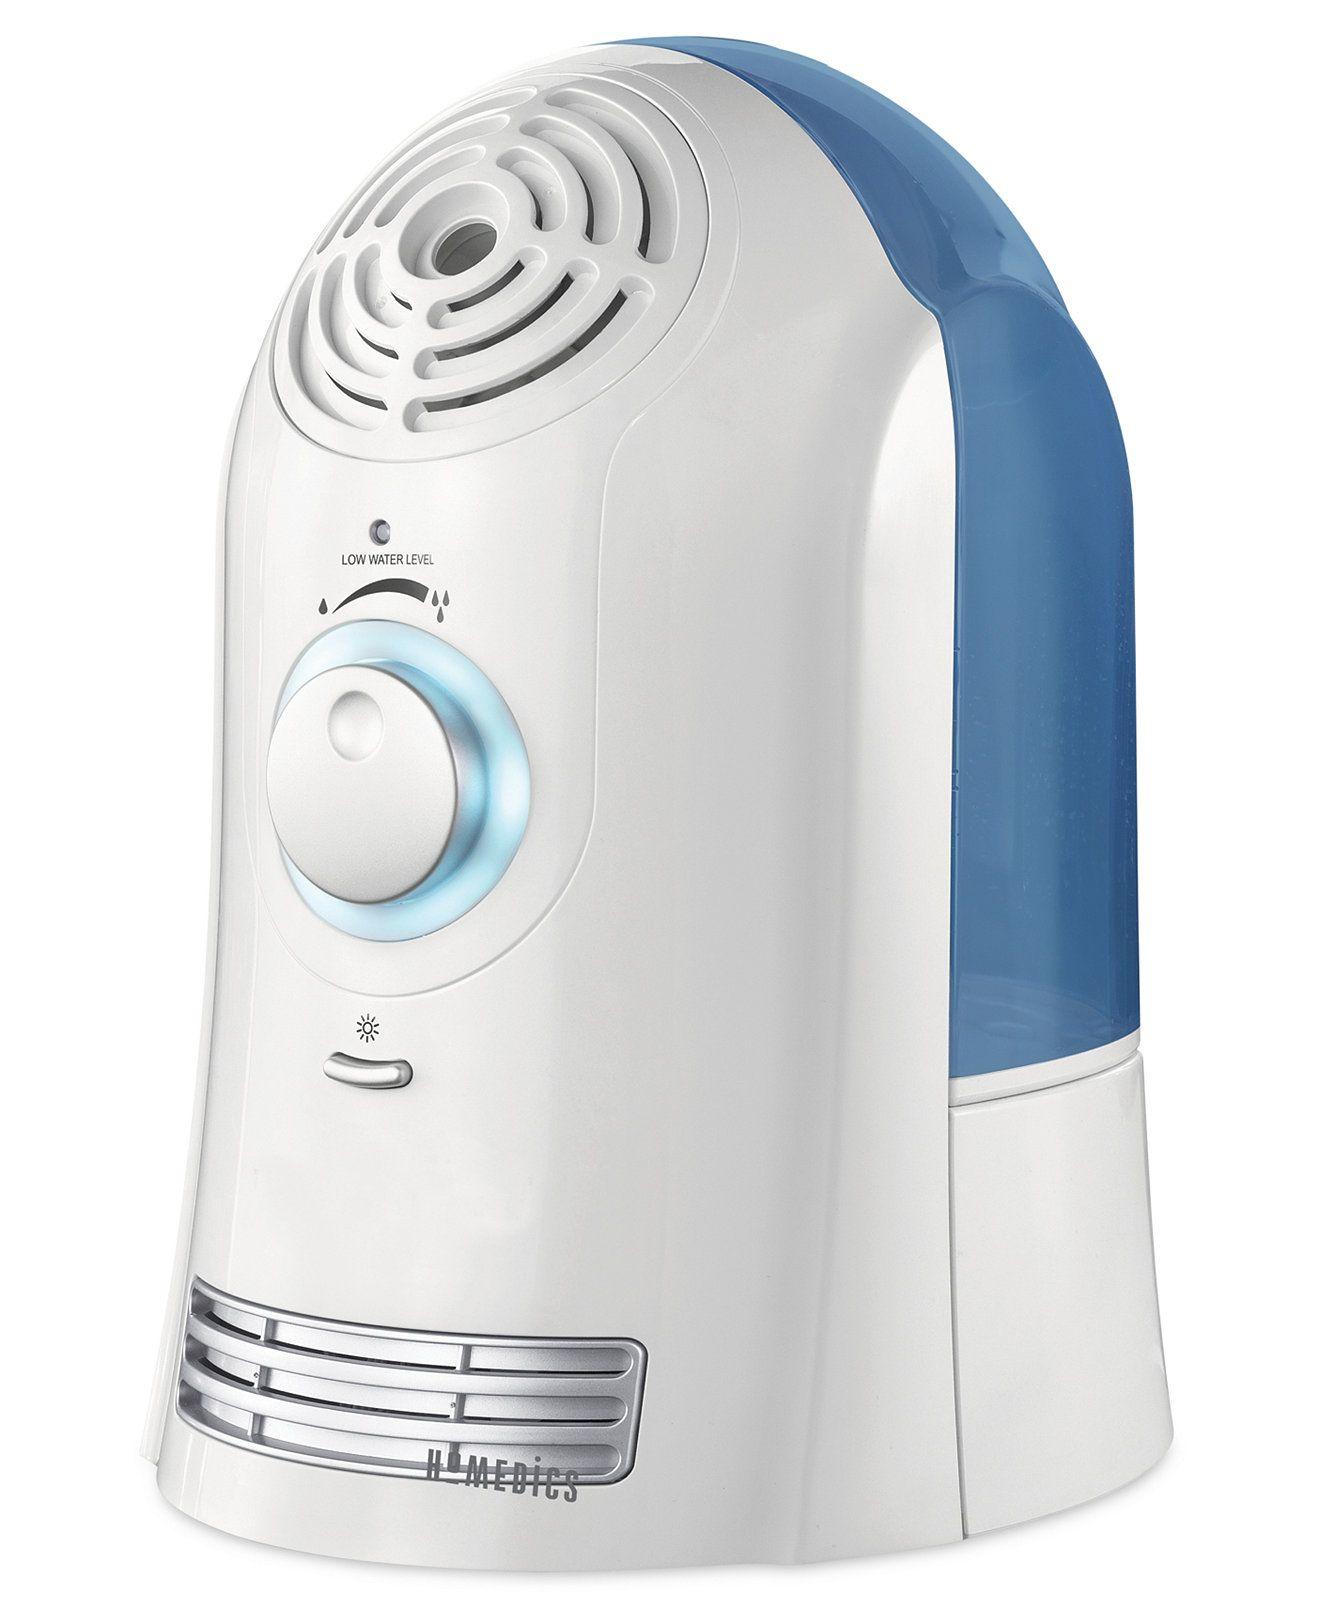 Homedics UHECM45 Ultrasonic Cool Mist Humidifier